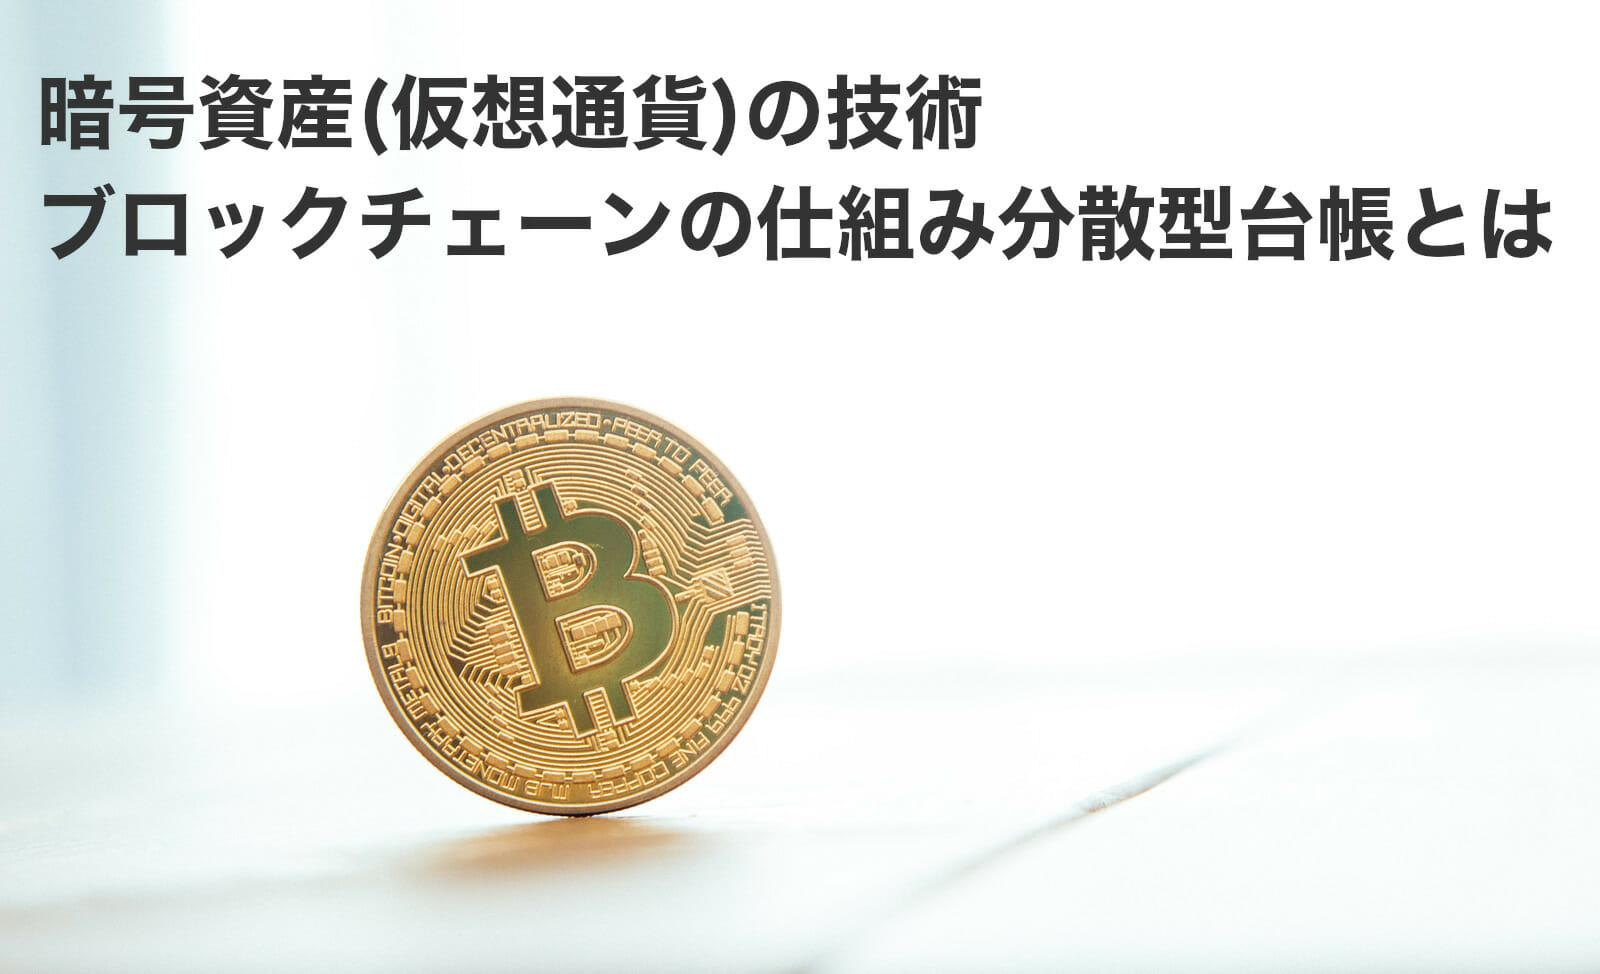 暗号資産(仮想通貨)の技術ブロックチェーンの仕組み分散型台帳とは